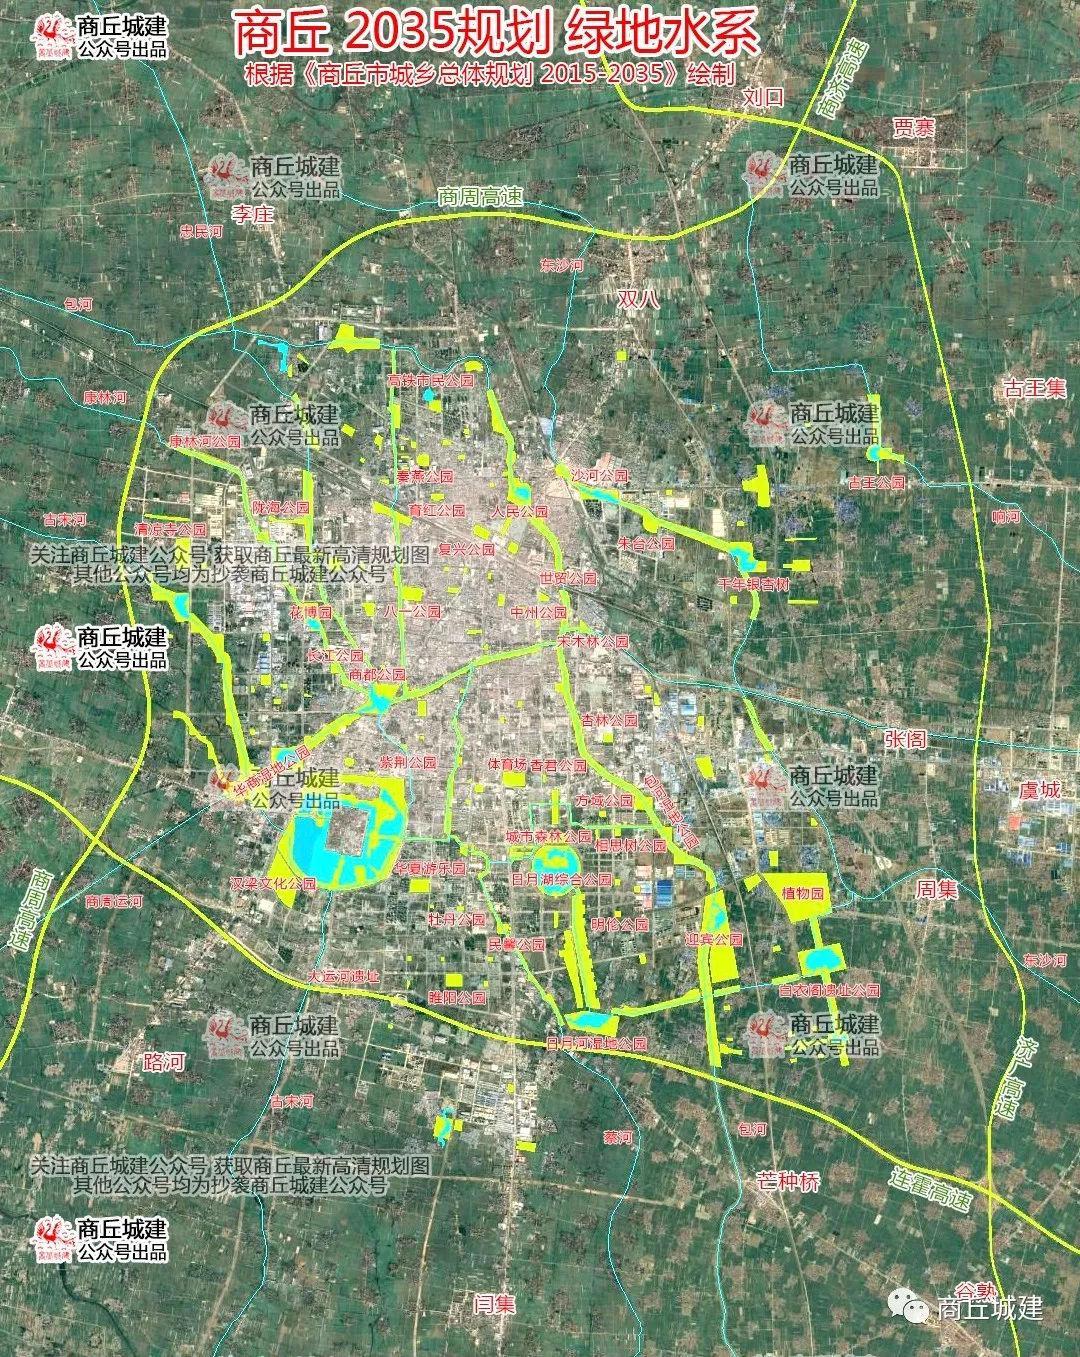 《商丘市城乡总体规划 2015-2035》(卫星地图版)图片